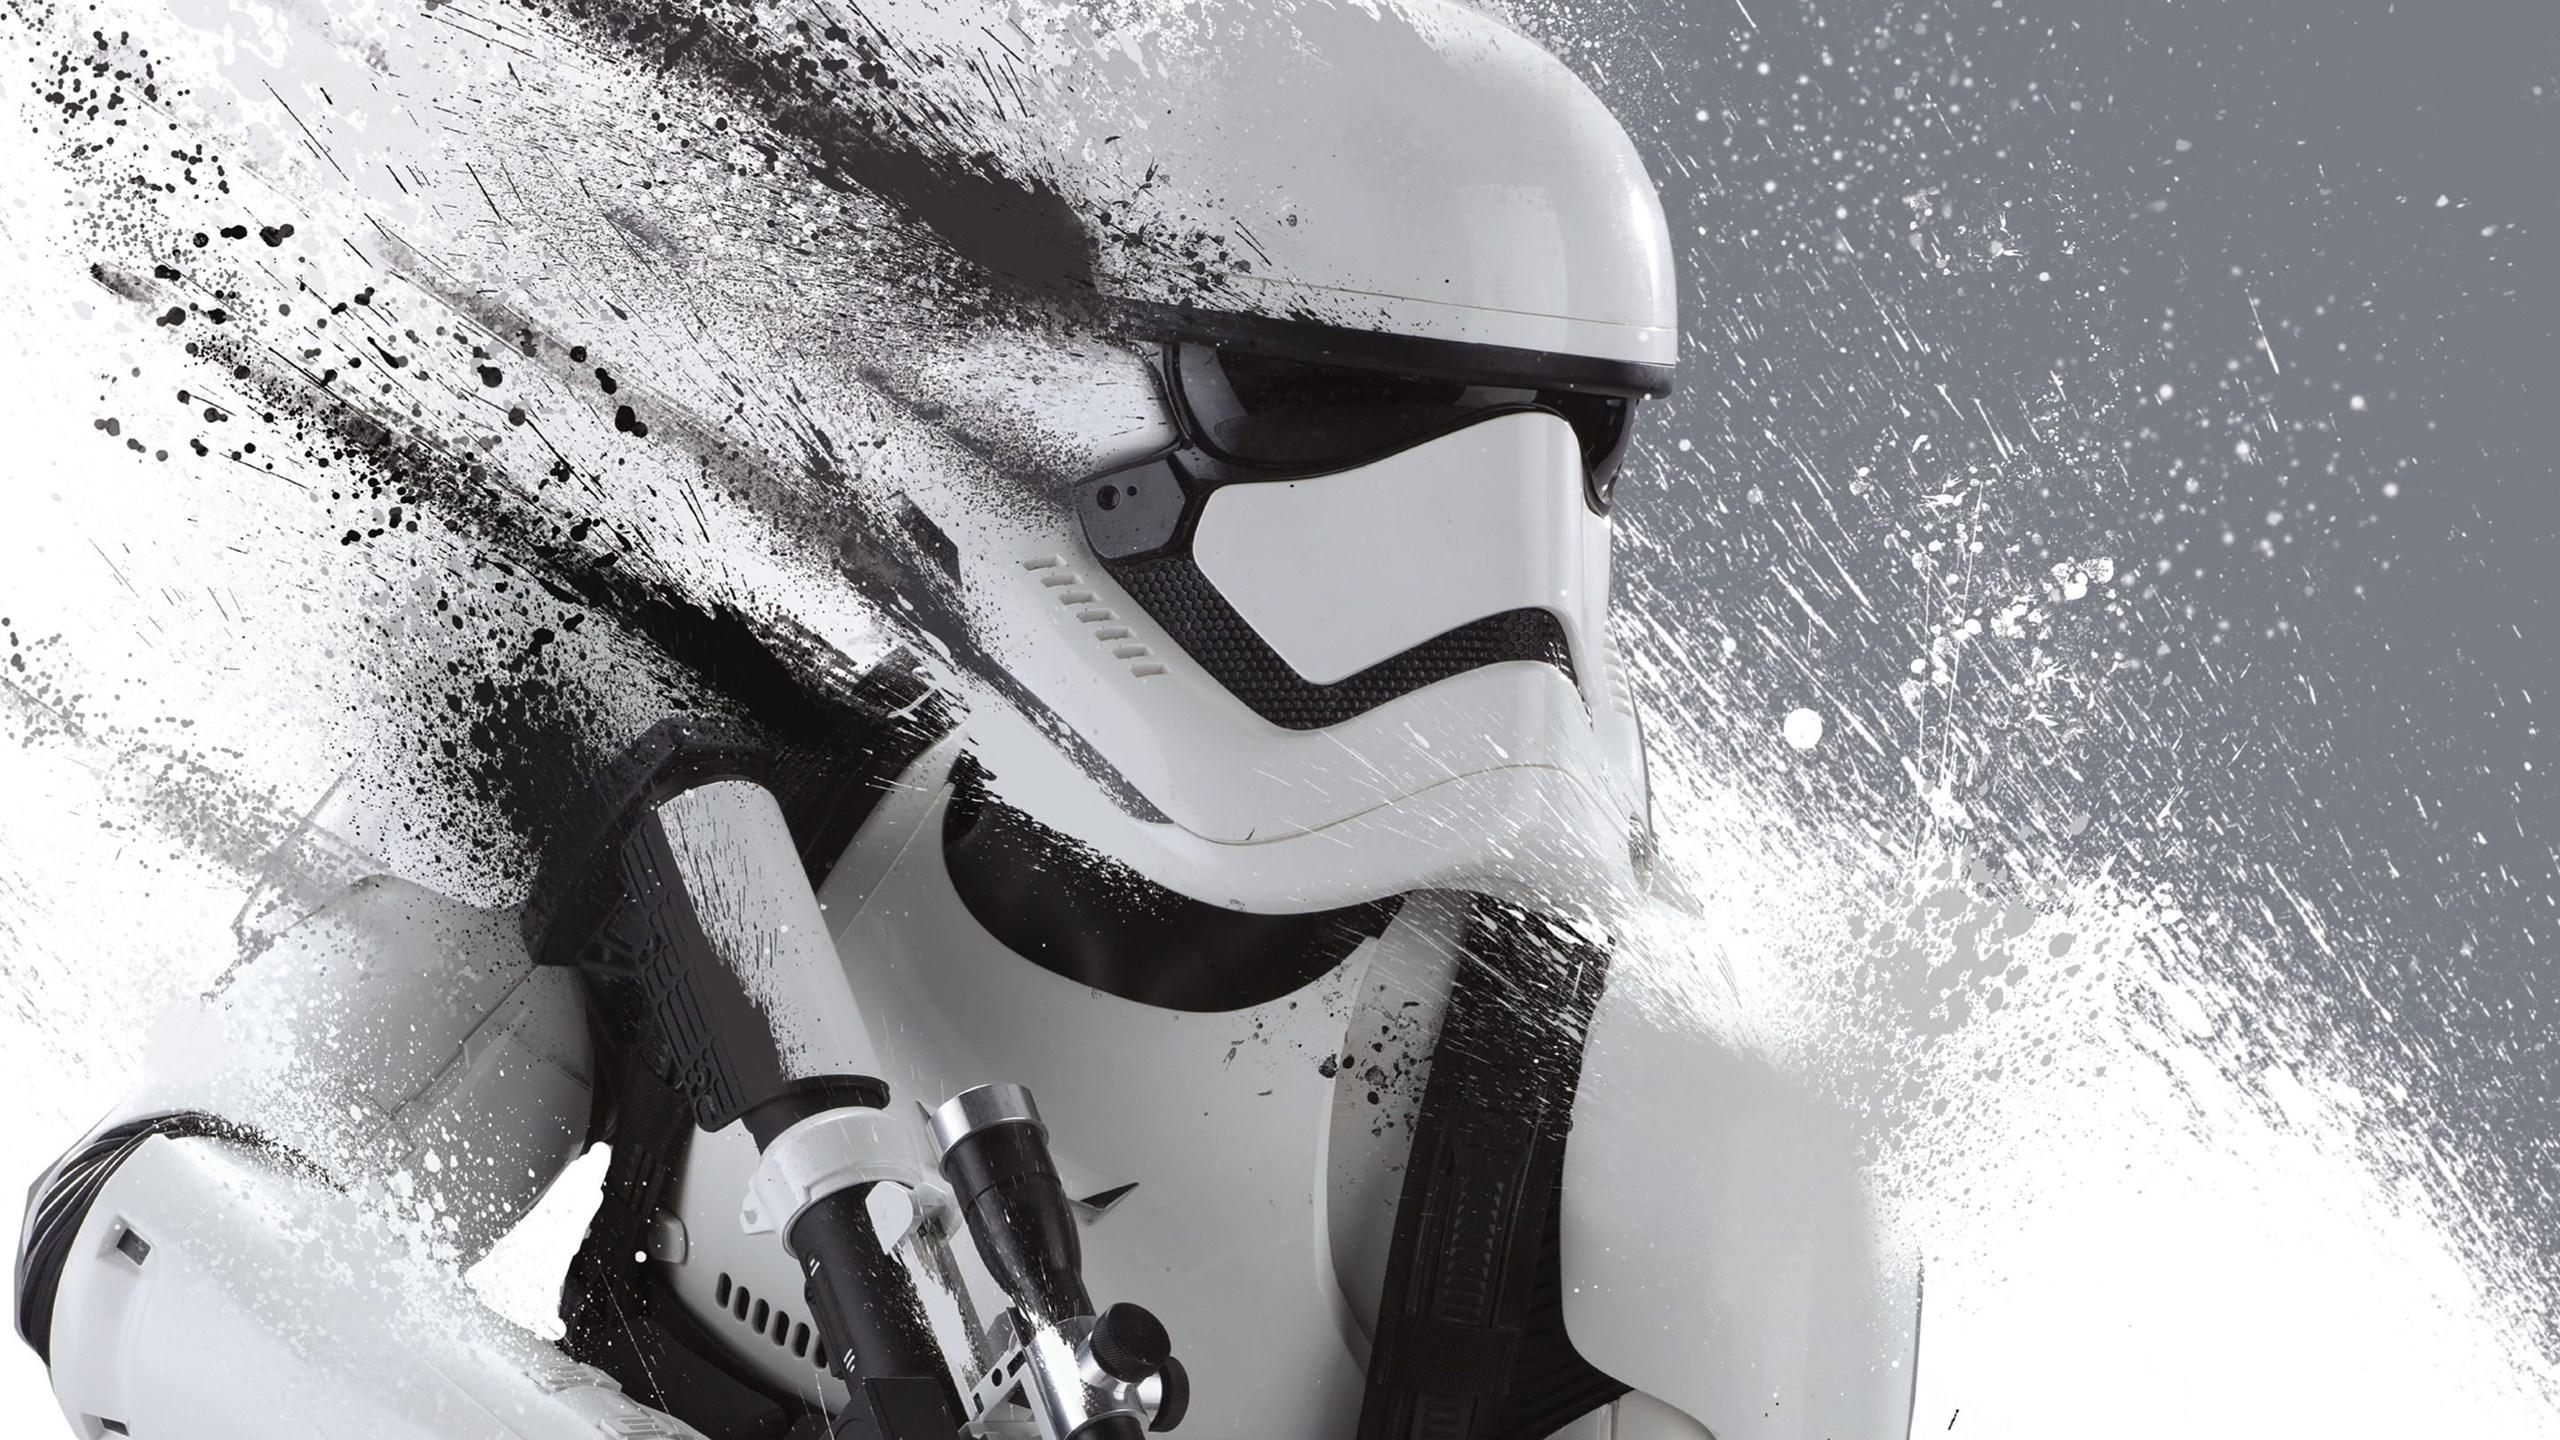 Stormtrooper Star Wars Wallpapers Desktop Background